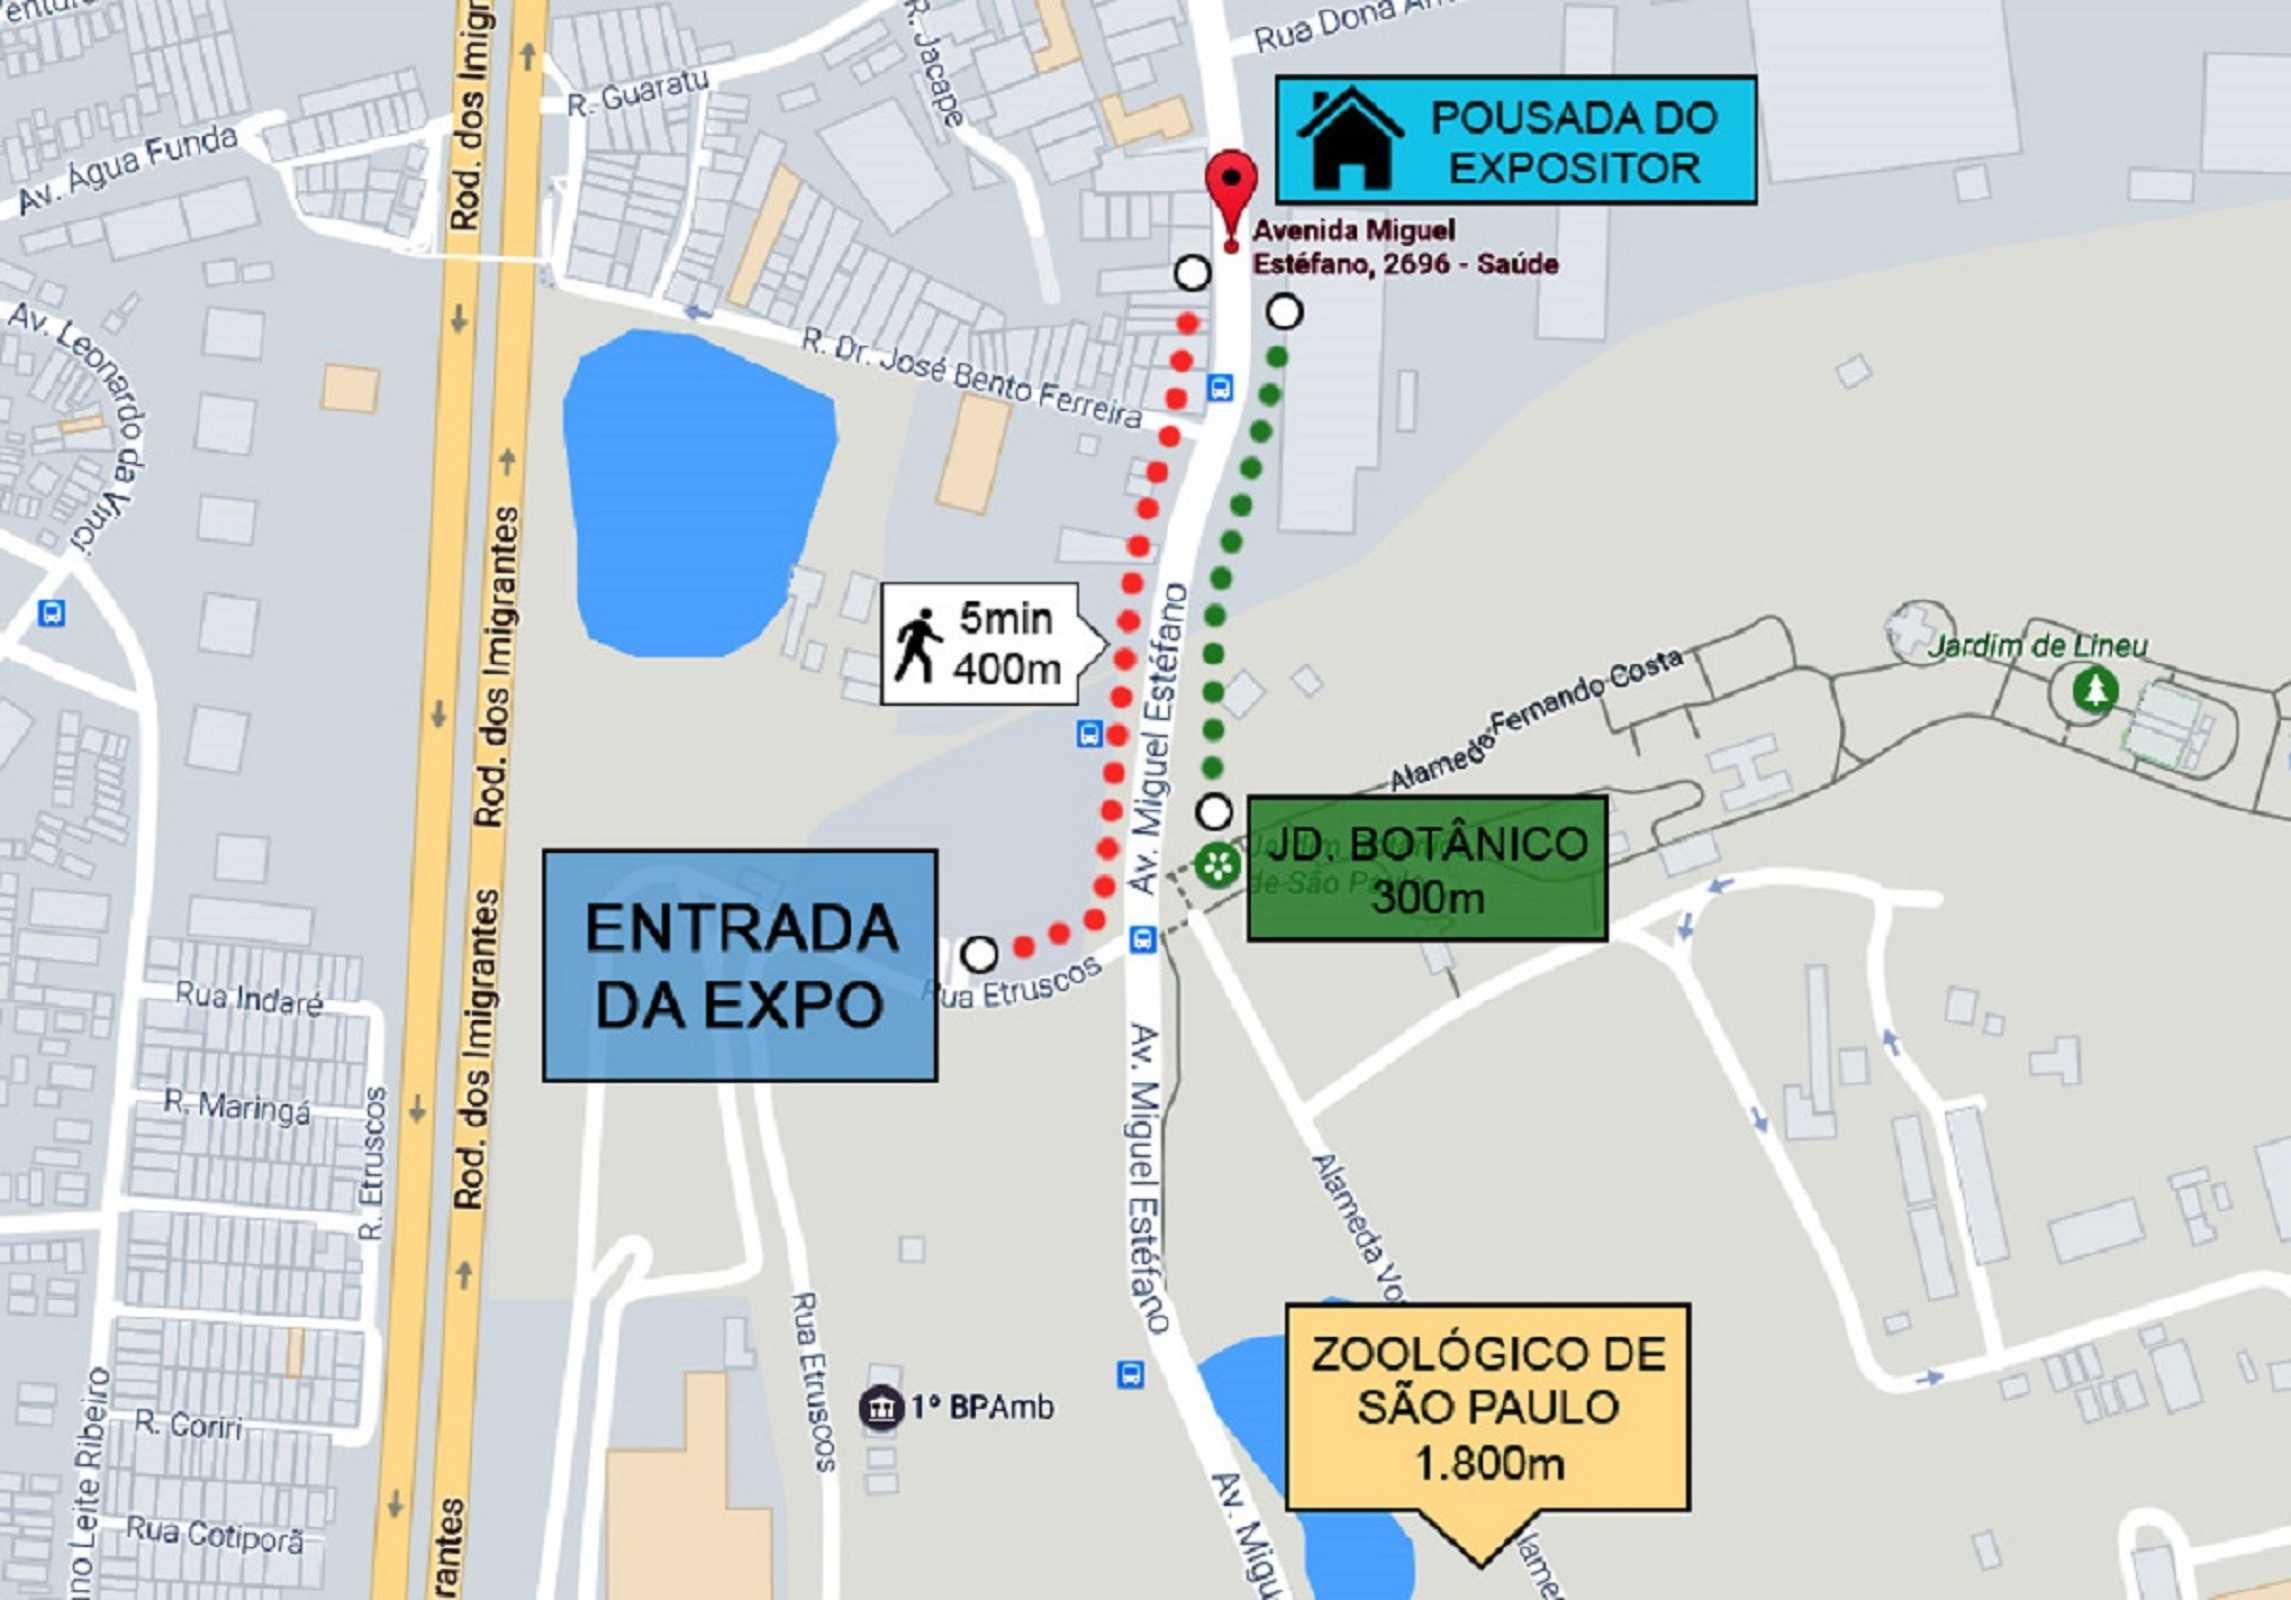 localizaçao Pousada x SP Expo